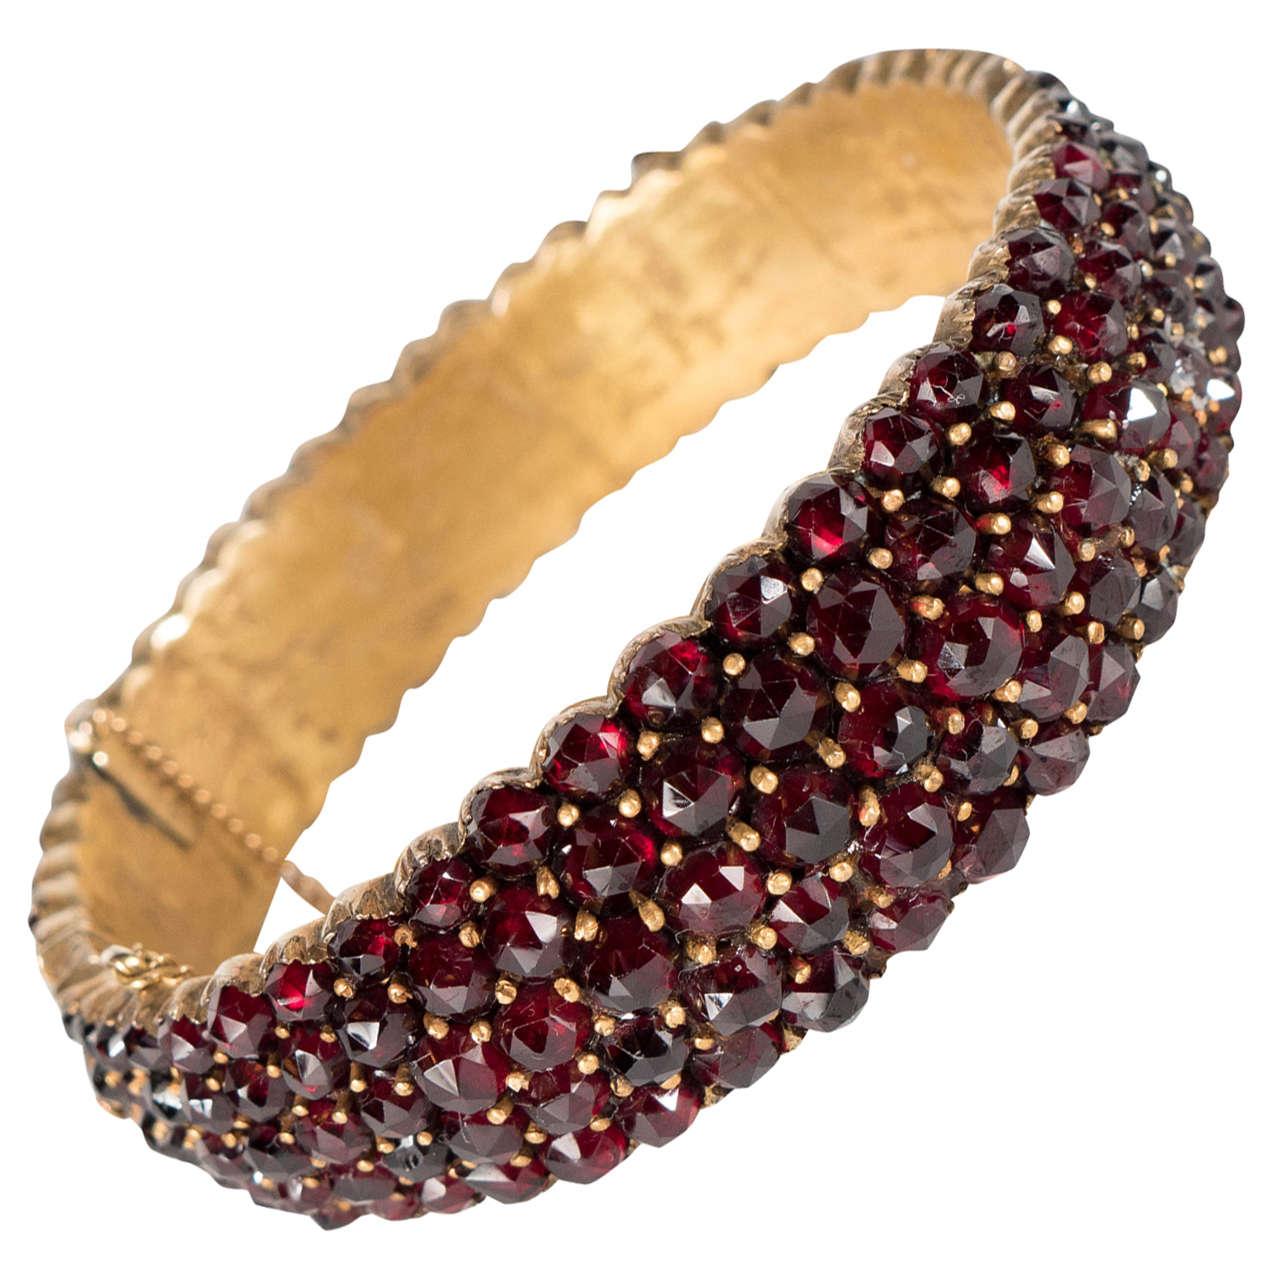 Exquisite Antique Bohemian Garnet Silver Gold Bangle Bracelet 1